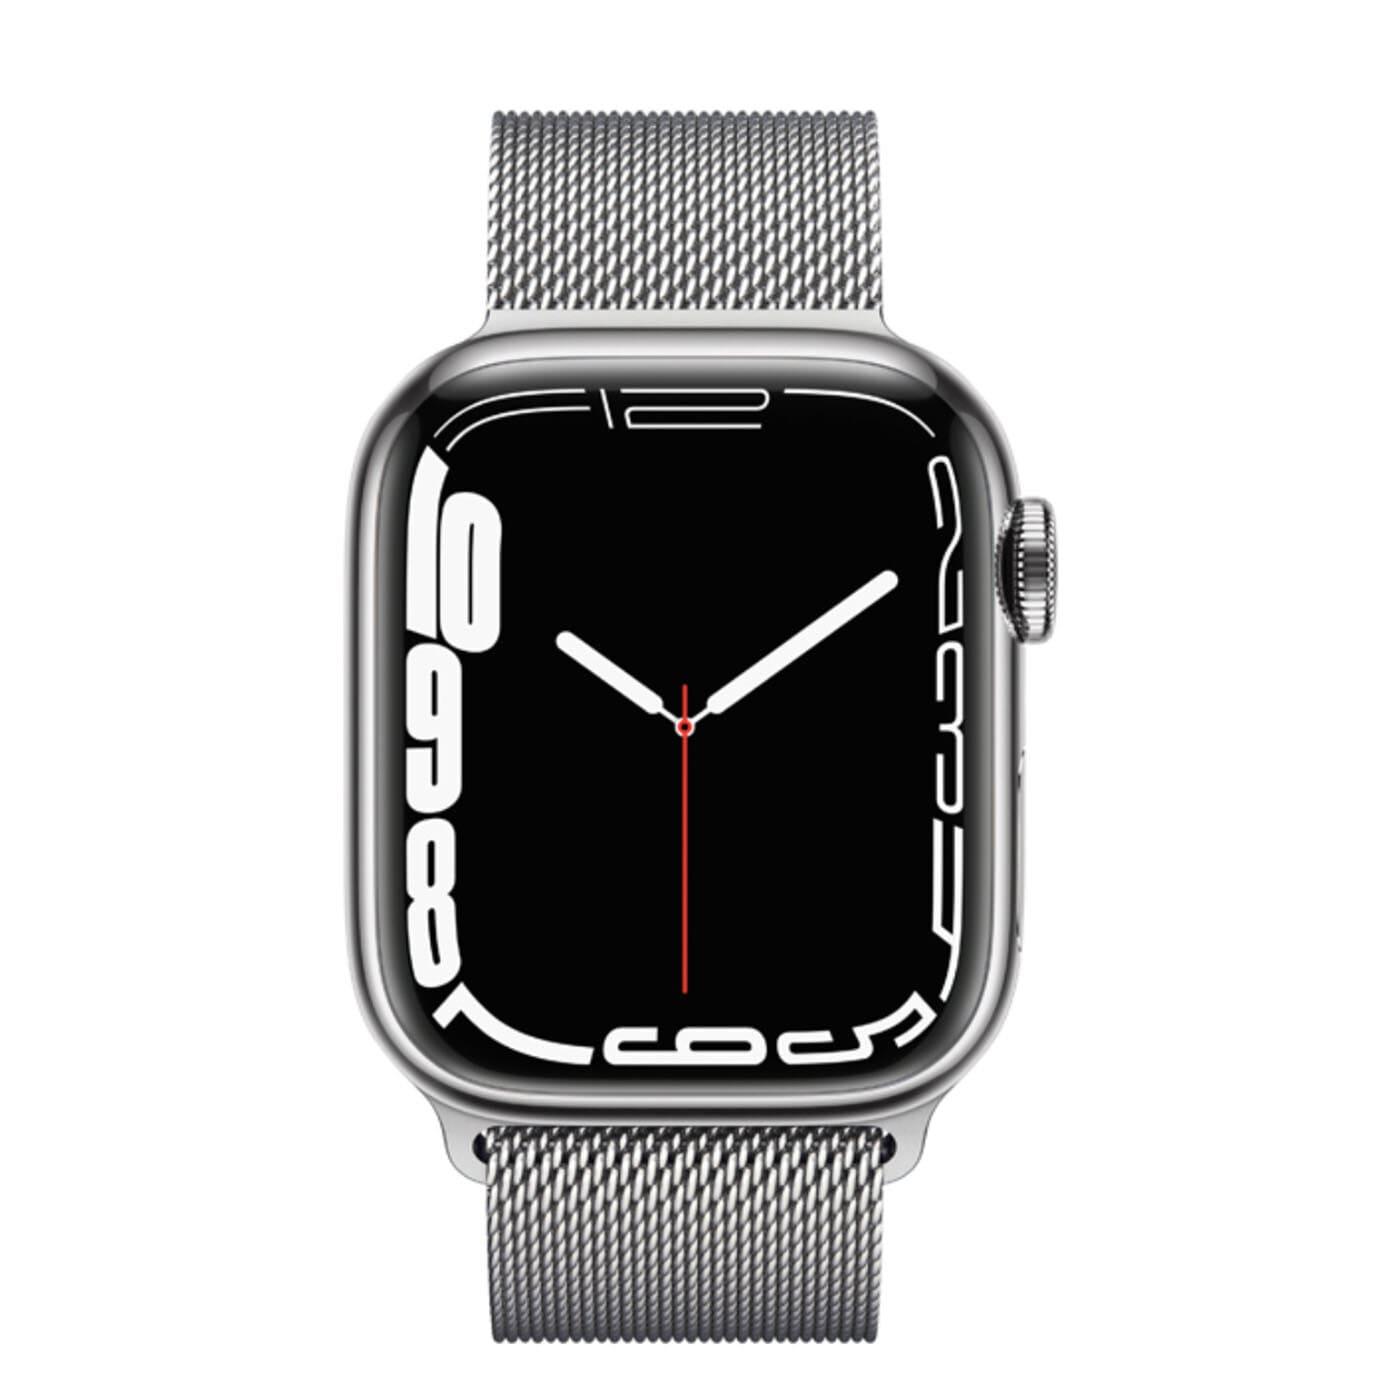 Apple Watch Series 7 Rostfri stålboett med Milaneselänk - Silver